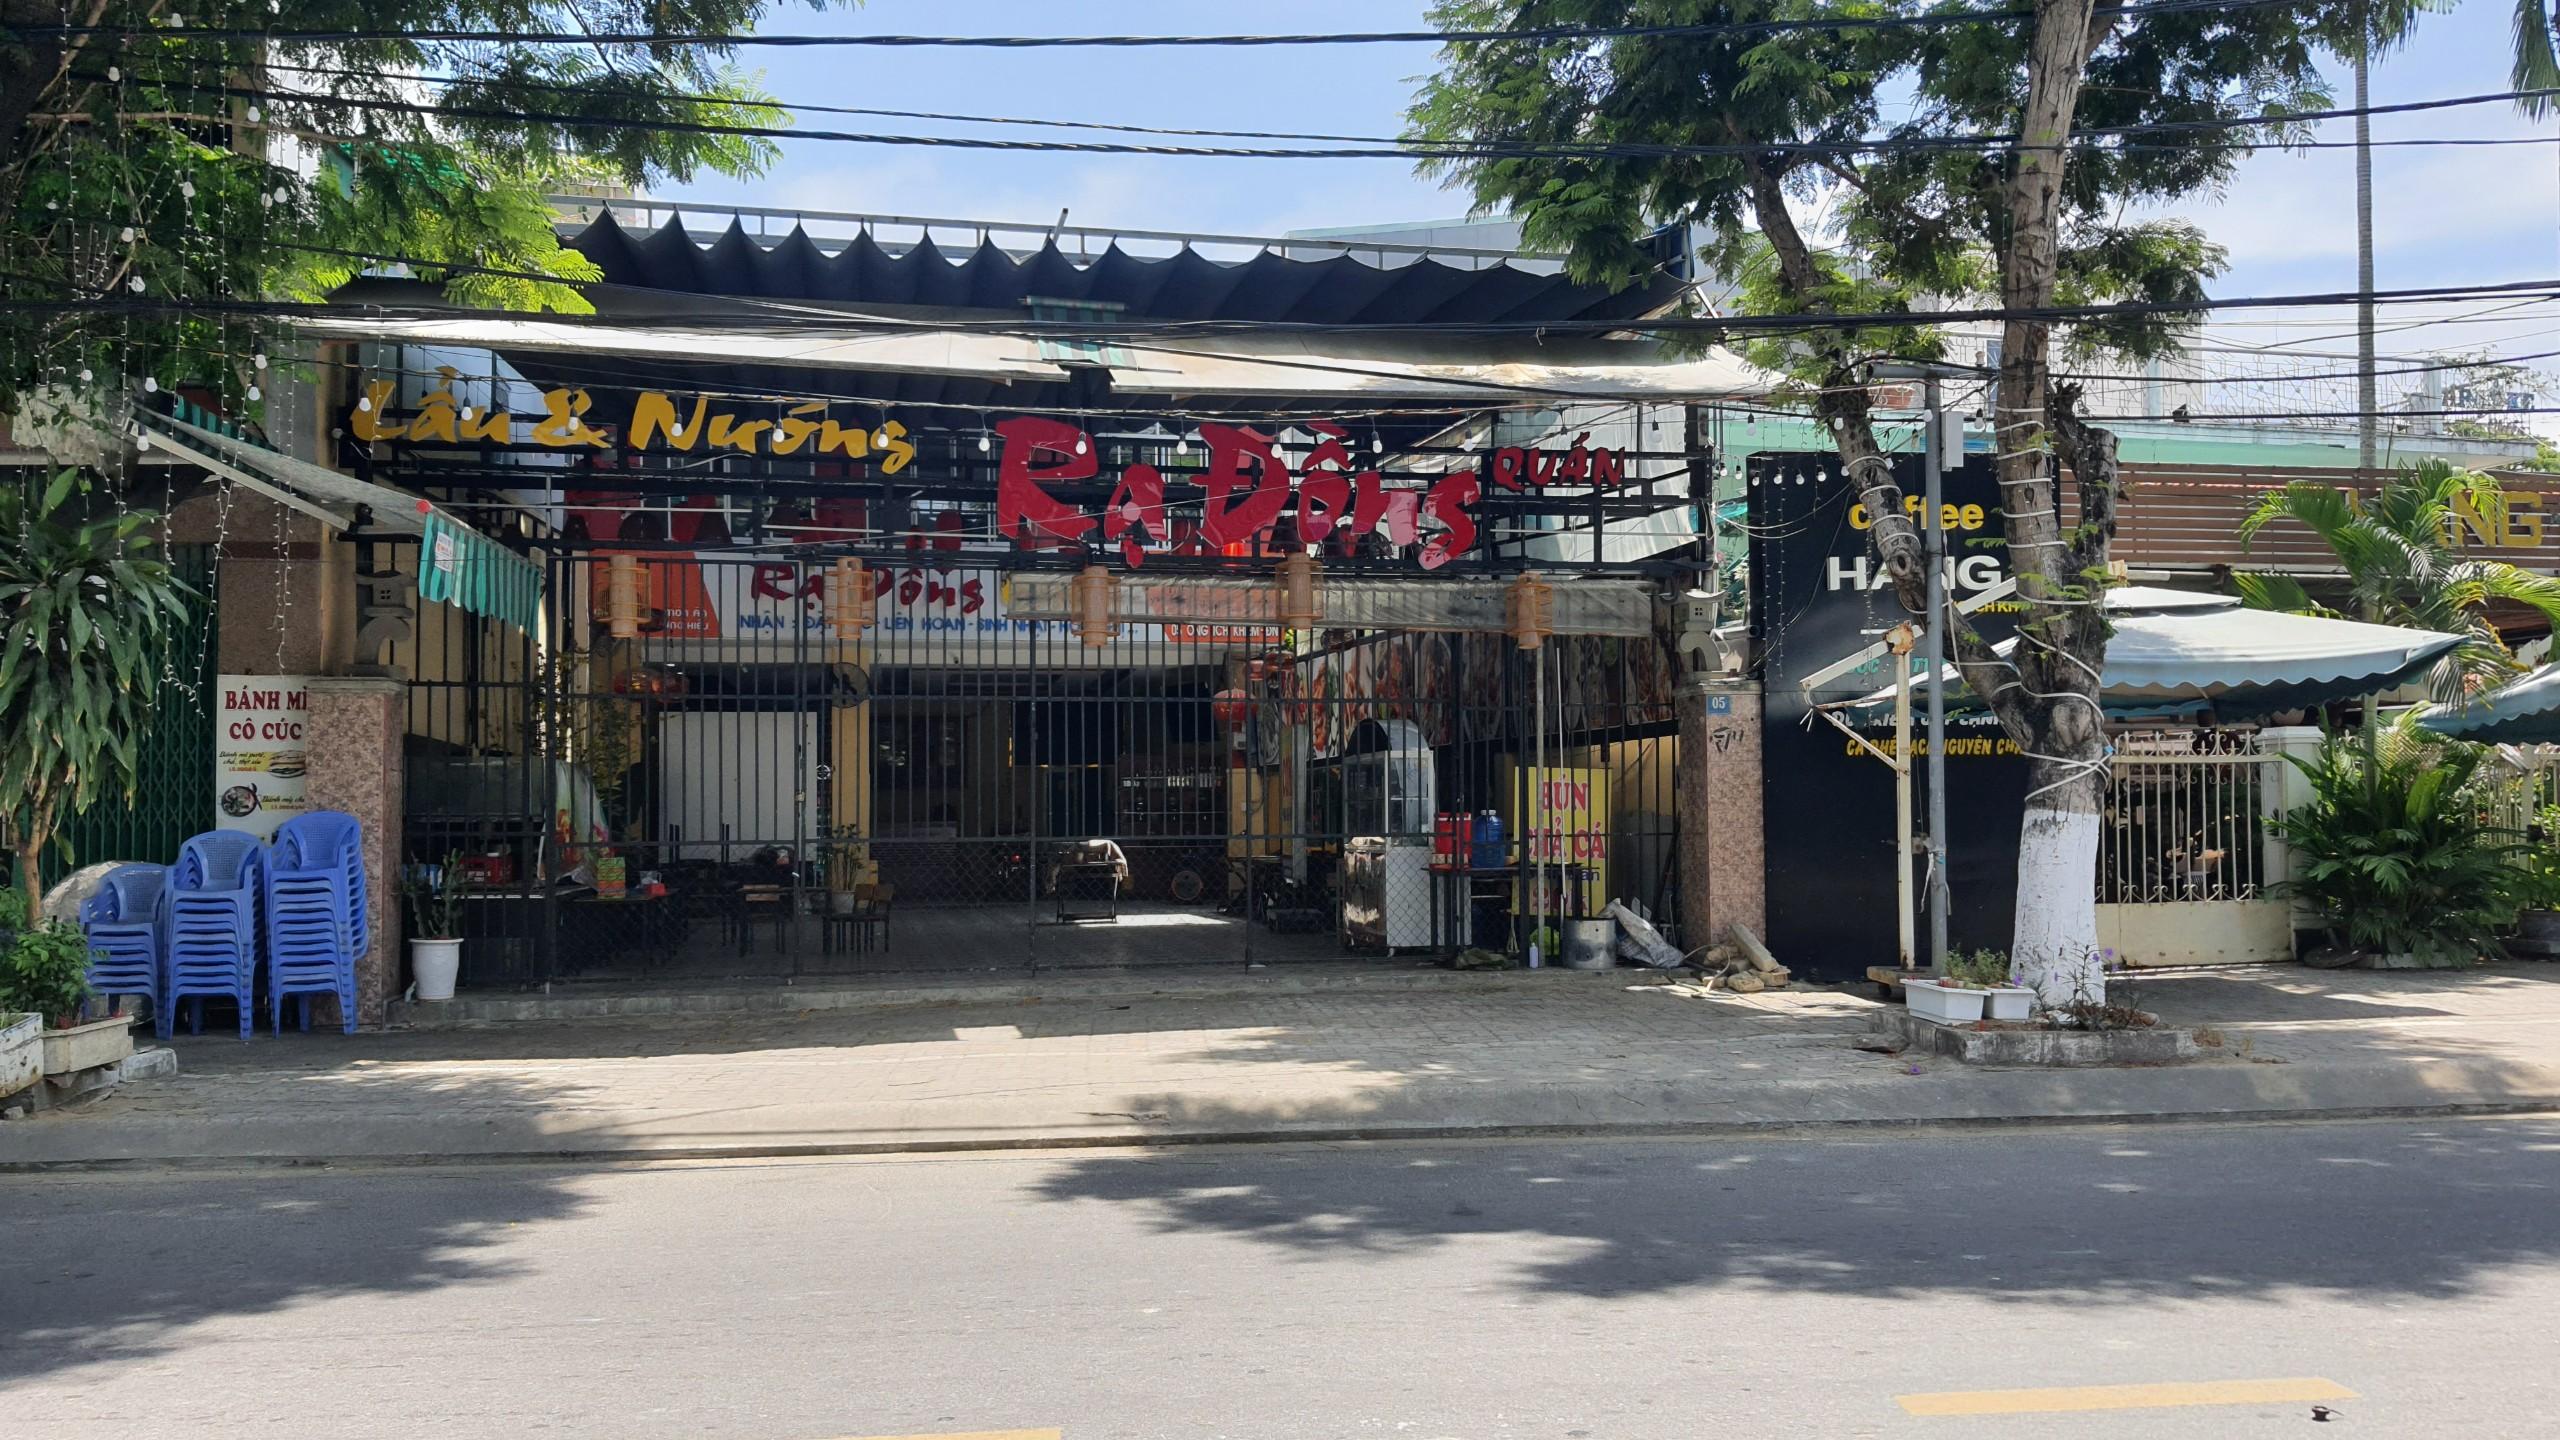 Đà Nẵng: Hàng quán nghiêm chỉnh treo bảng bán mang về, thậm chí đóng cửa để phòng chống dịch Covid-19 - Ảnh 3.